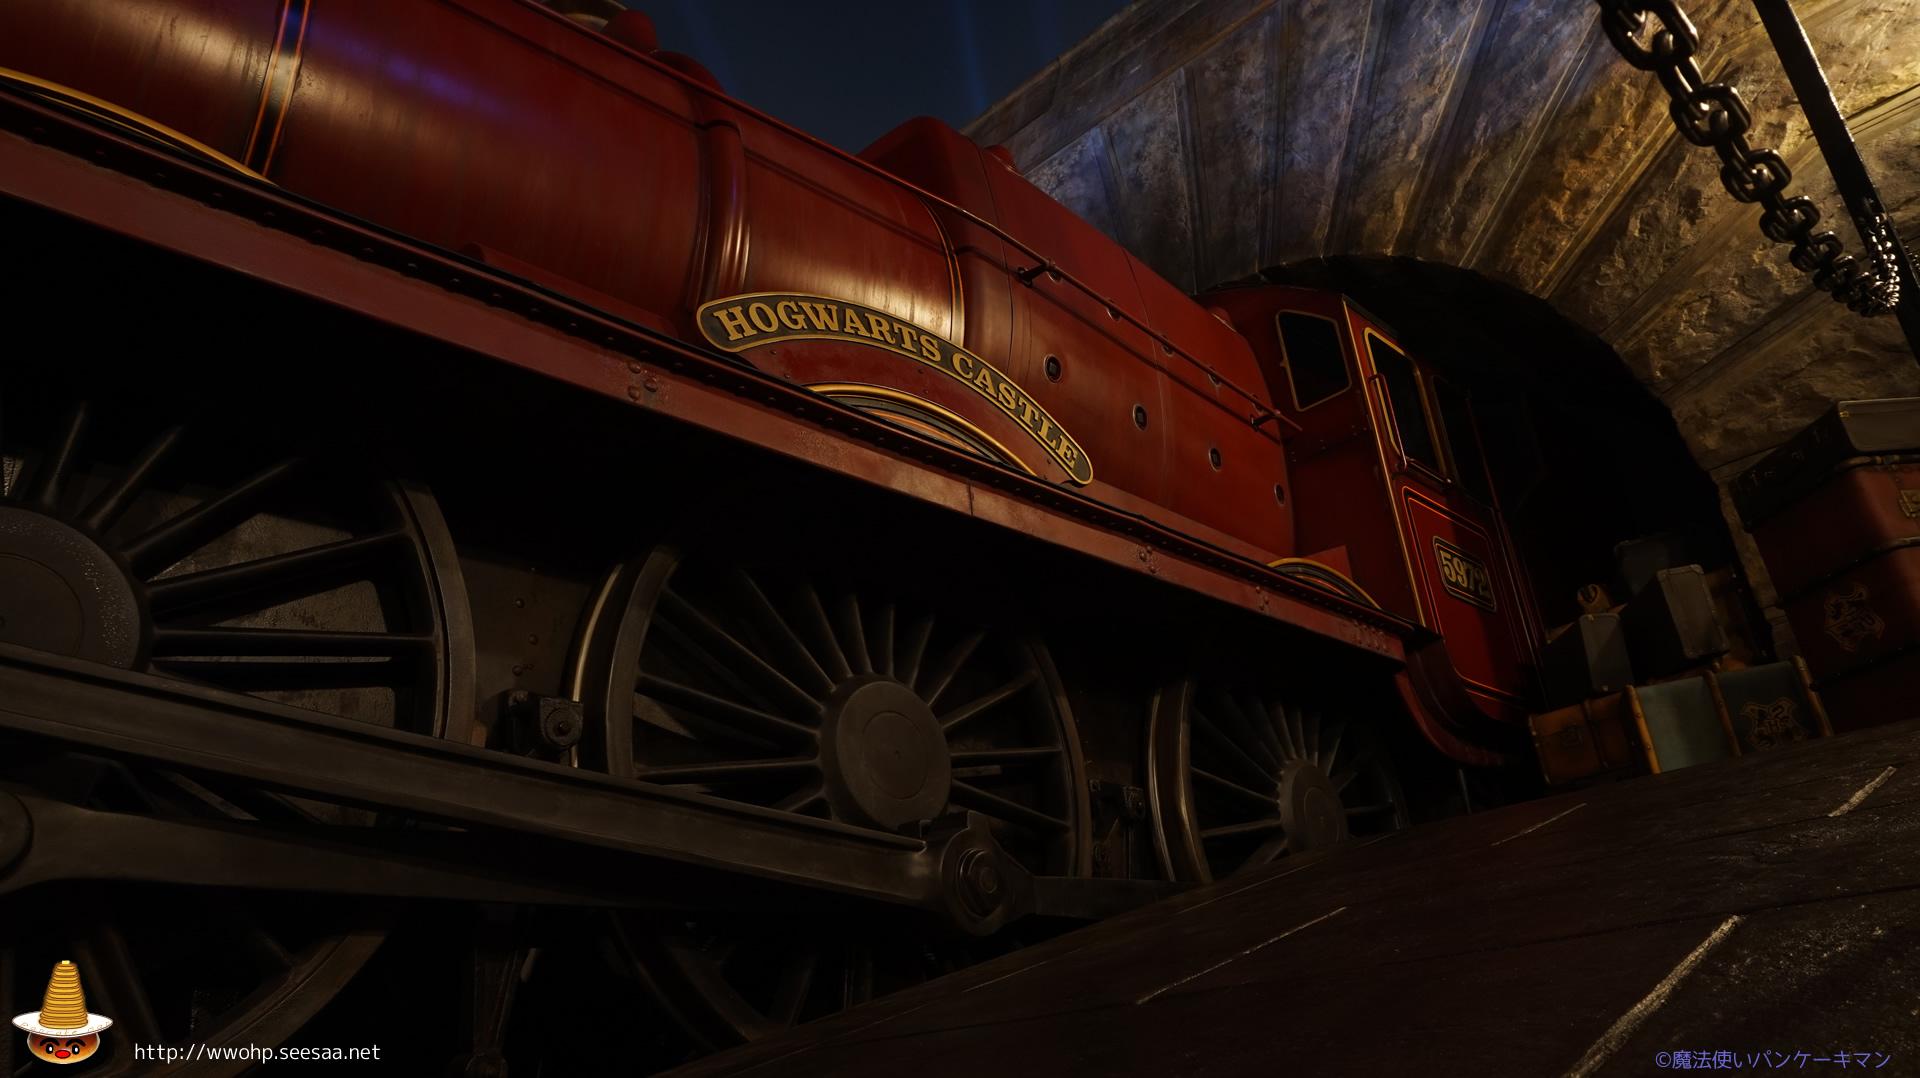 夜の紅の蒸気機関車ホグワーツエクスプレス 魔法使いパンケーキマン